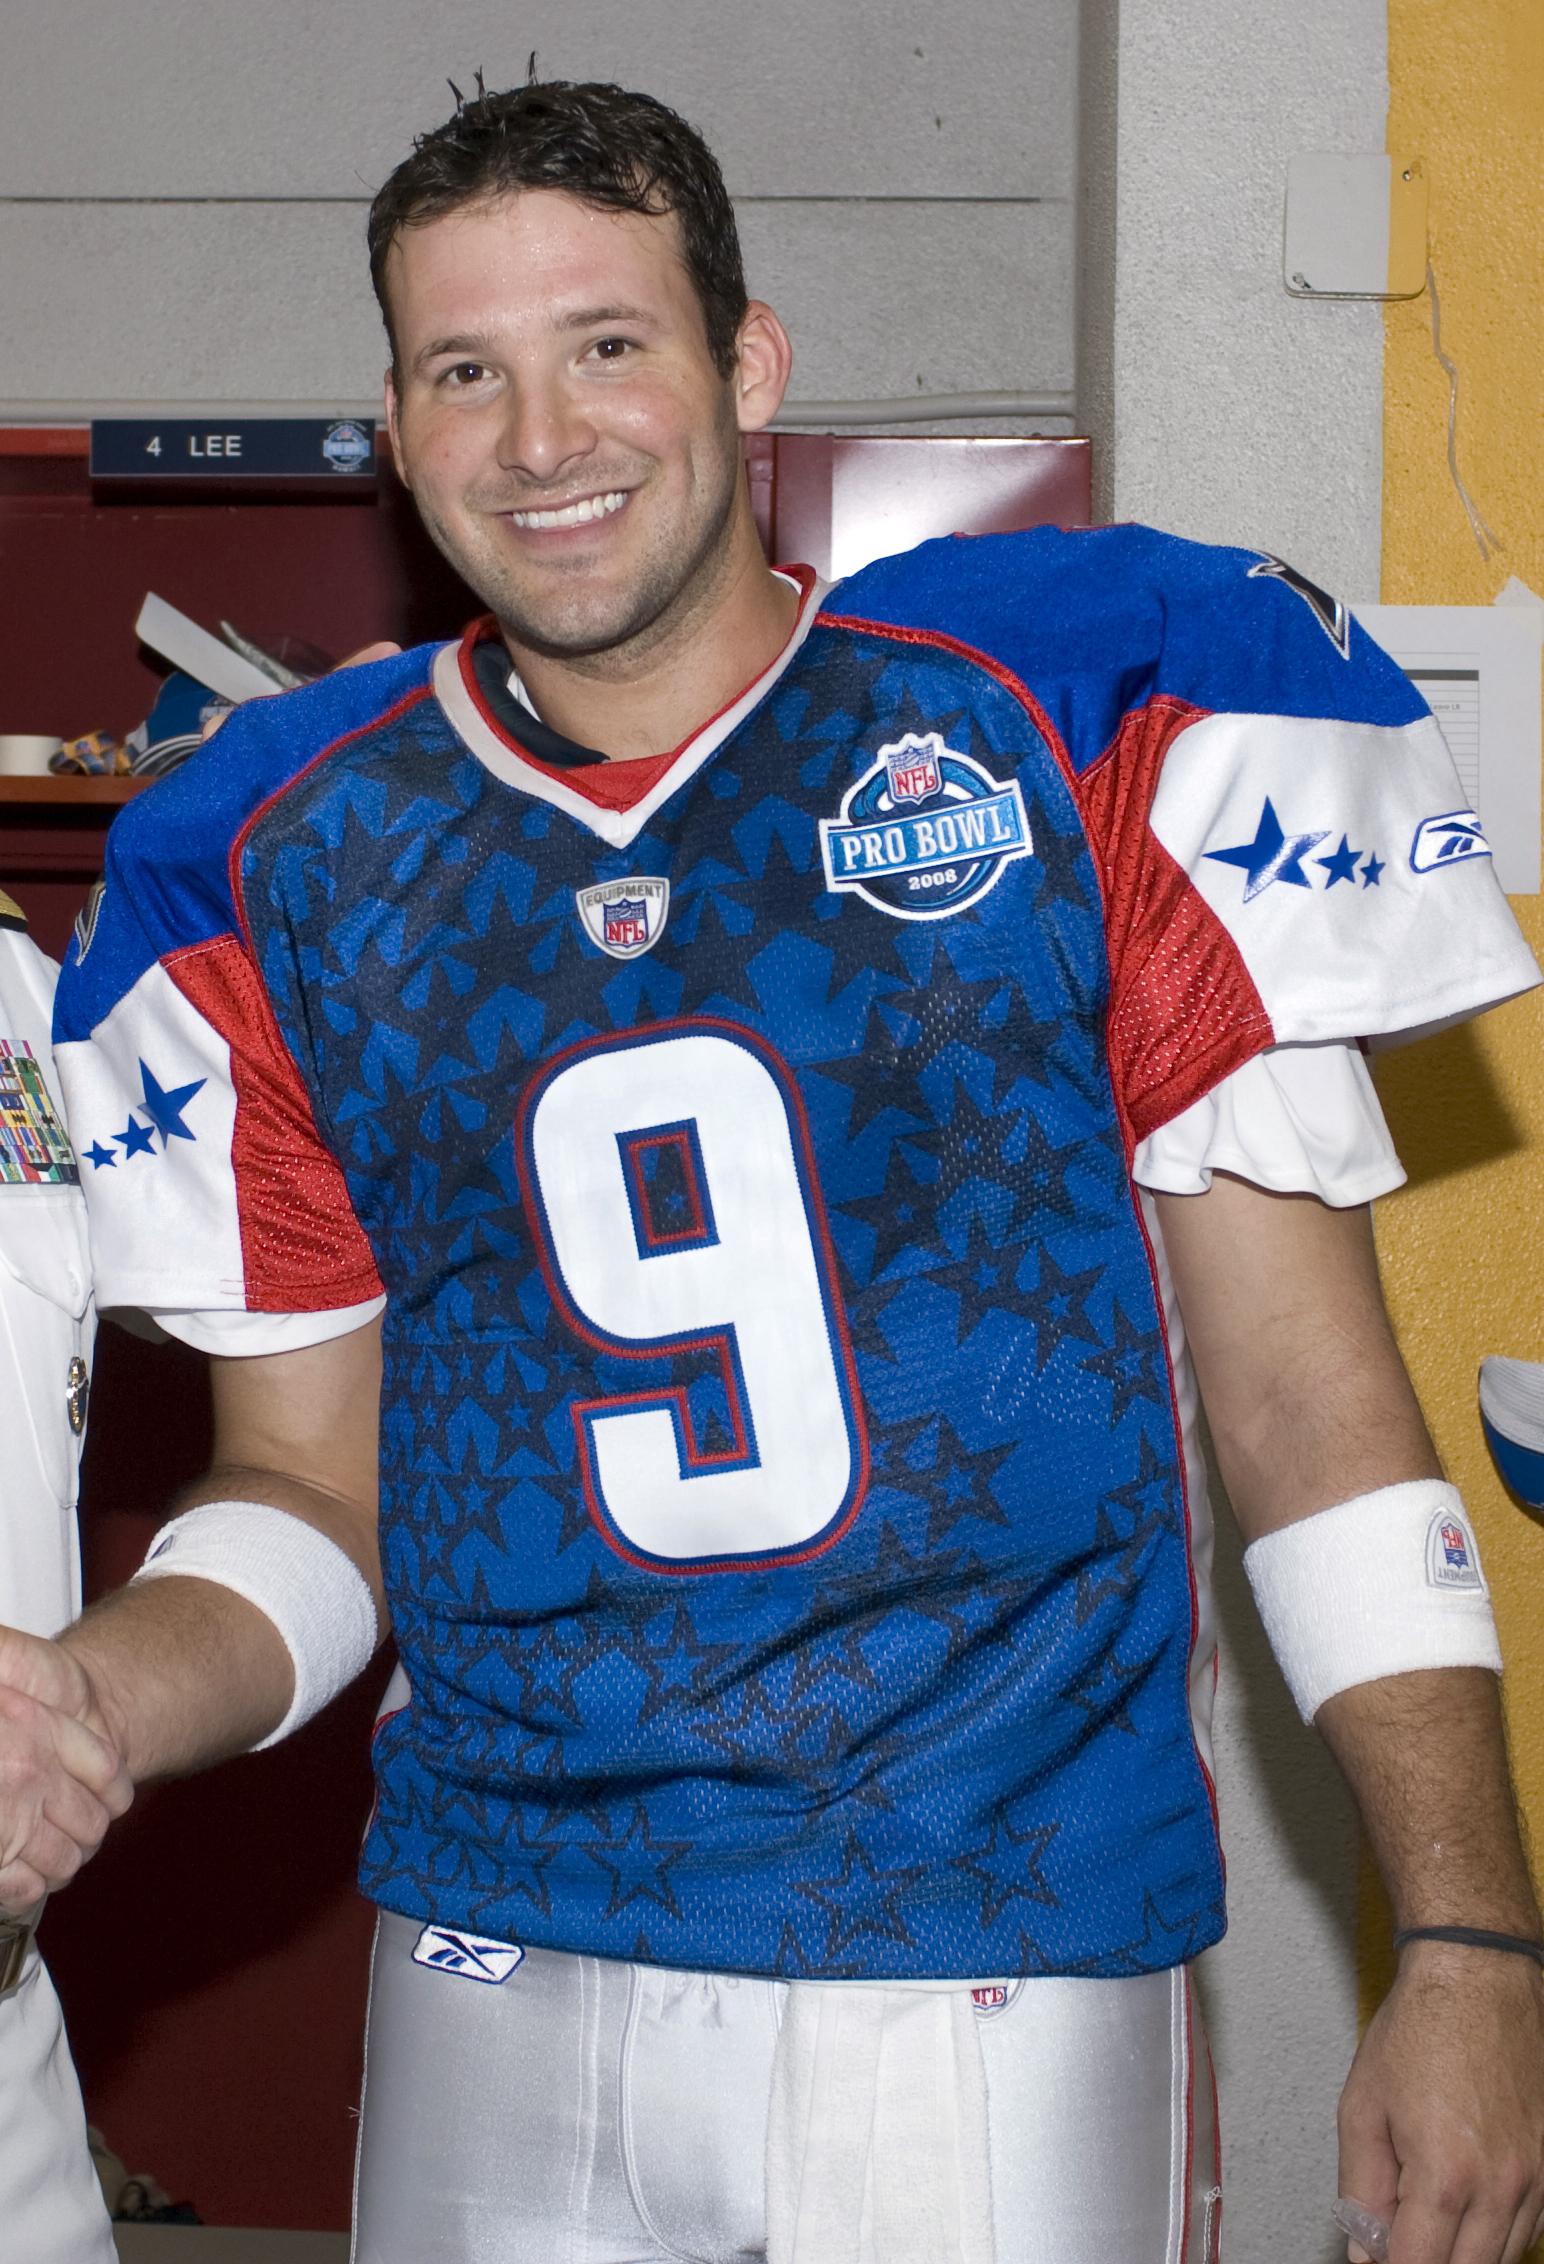 Nike NFL Youth Jerseys - Tony Romo - Wikipedia, the free encyclopedia